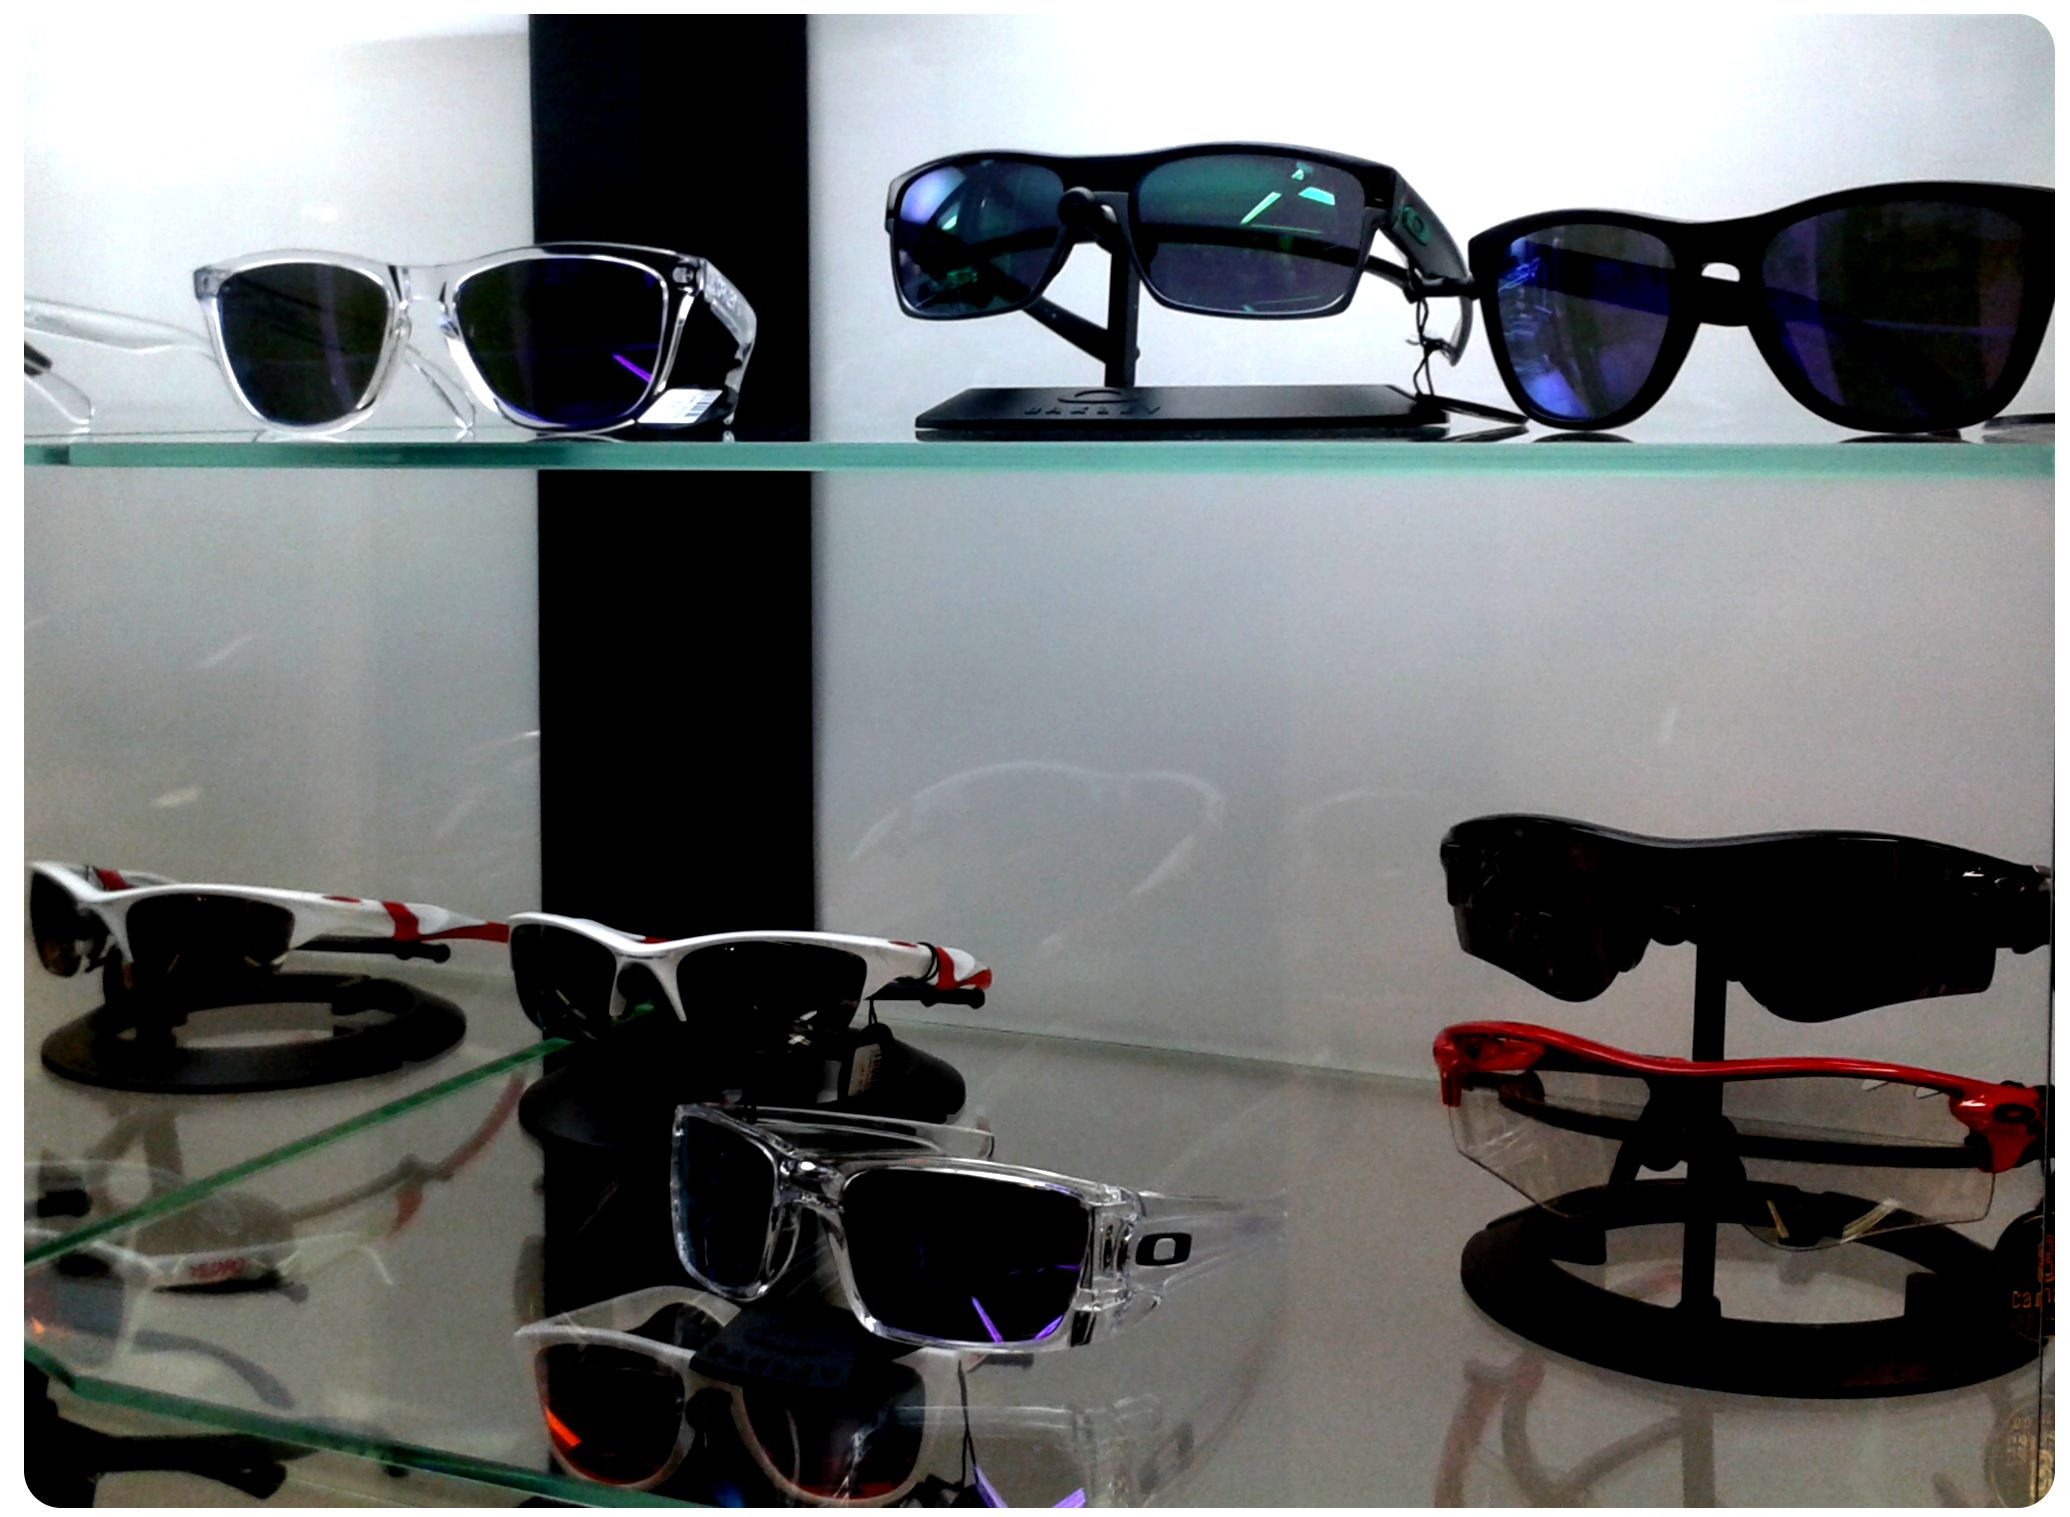 6f1c40f941 A la hora de elegir unas gafas de sol hay que tener en cuenta el uso que  les vamos a dar, aparte de la estética, el color de los cristales es  indicador ...